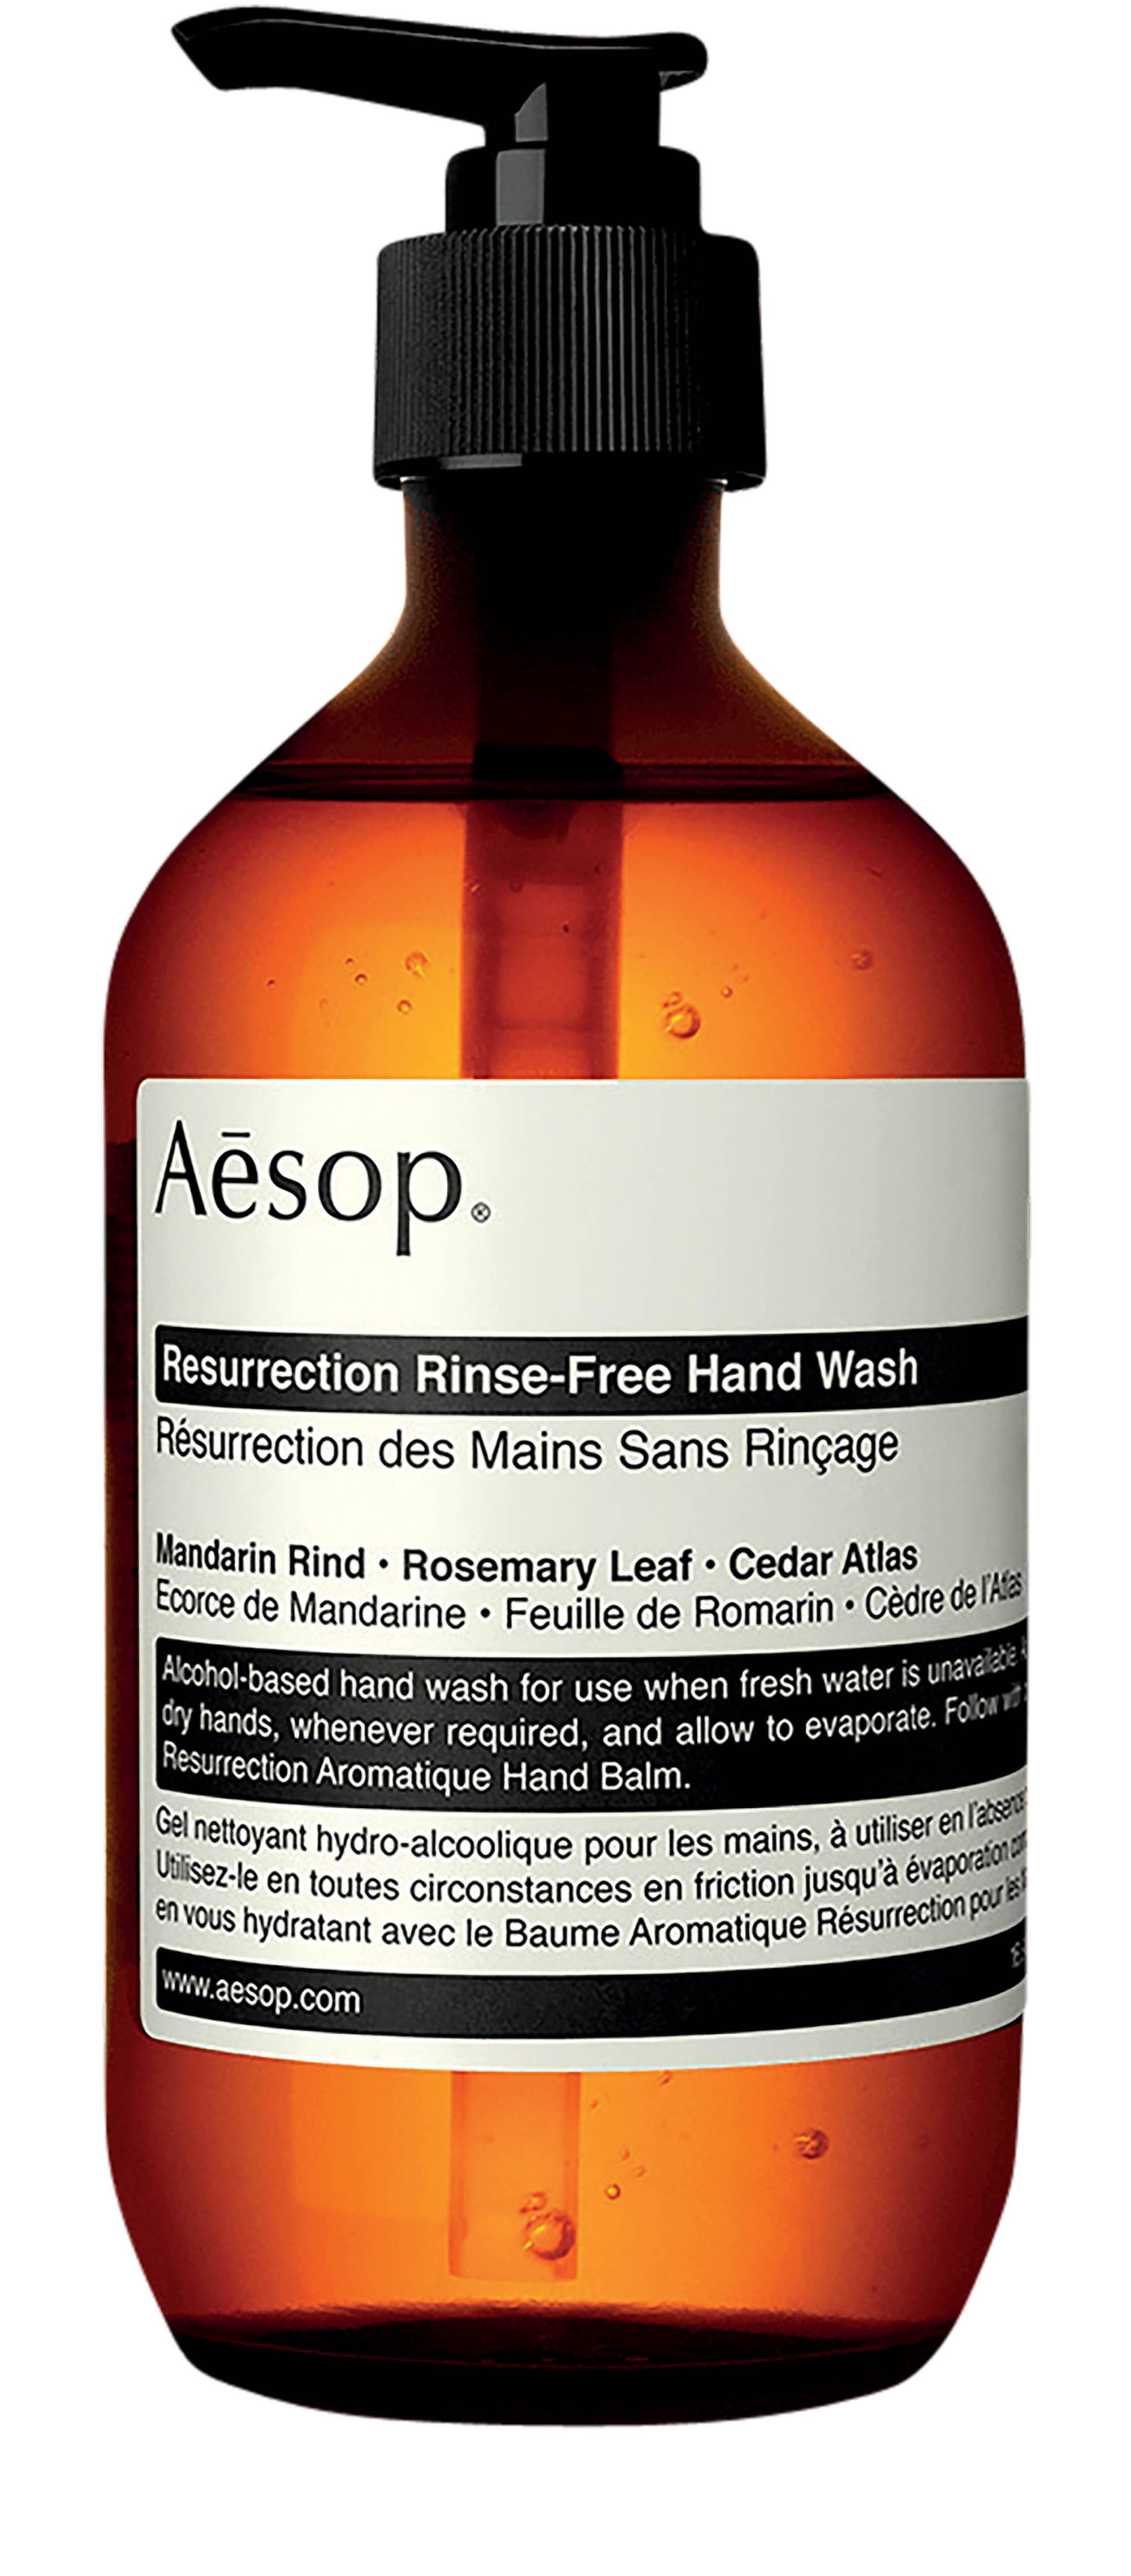 mỹ phẩm thuần chay nước rửa tay Aesop